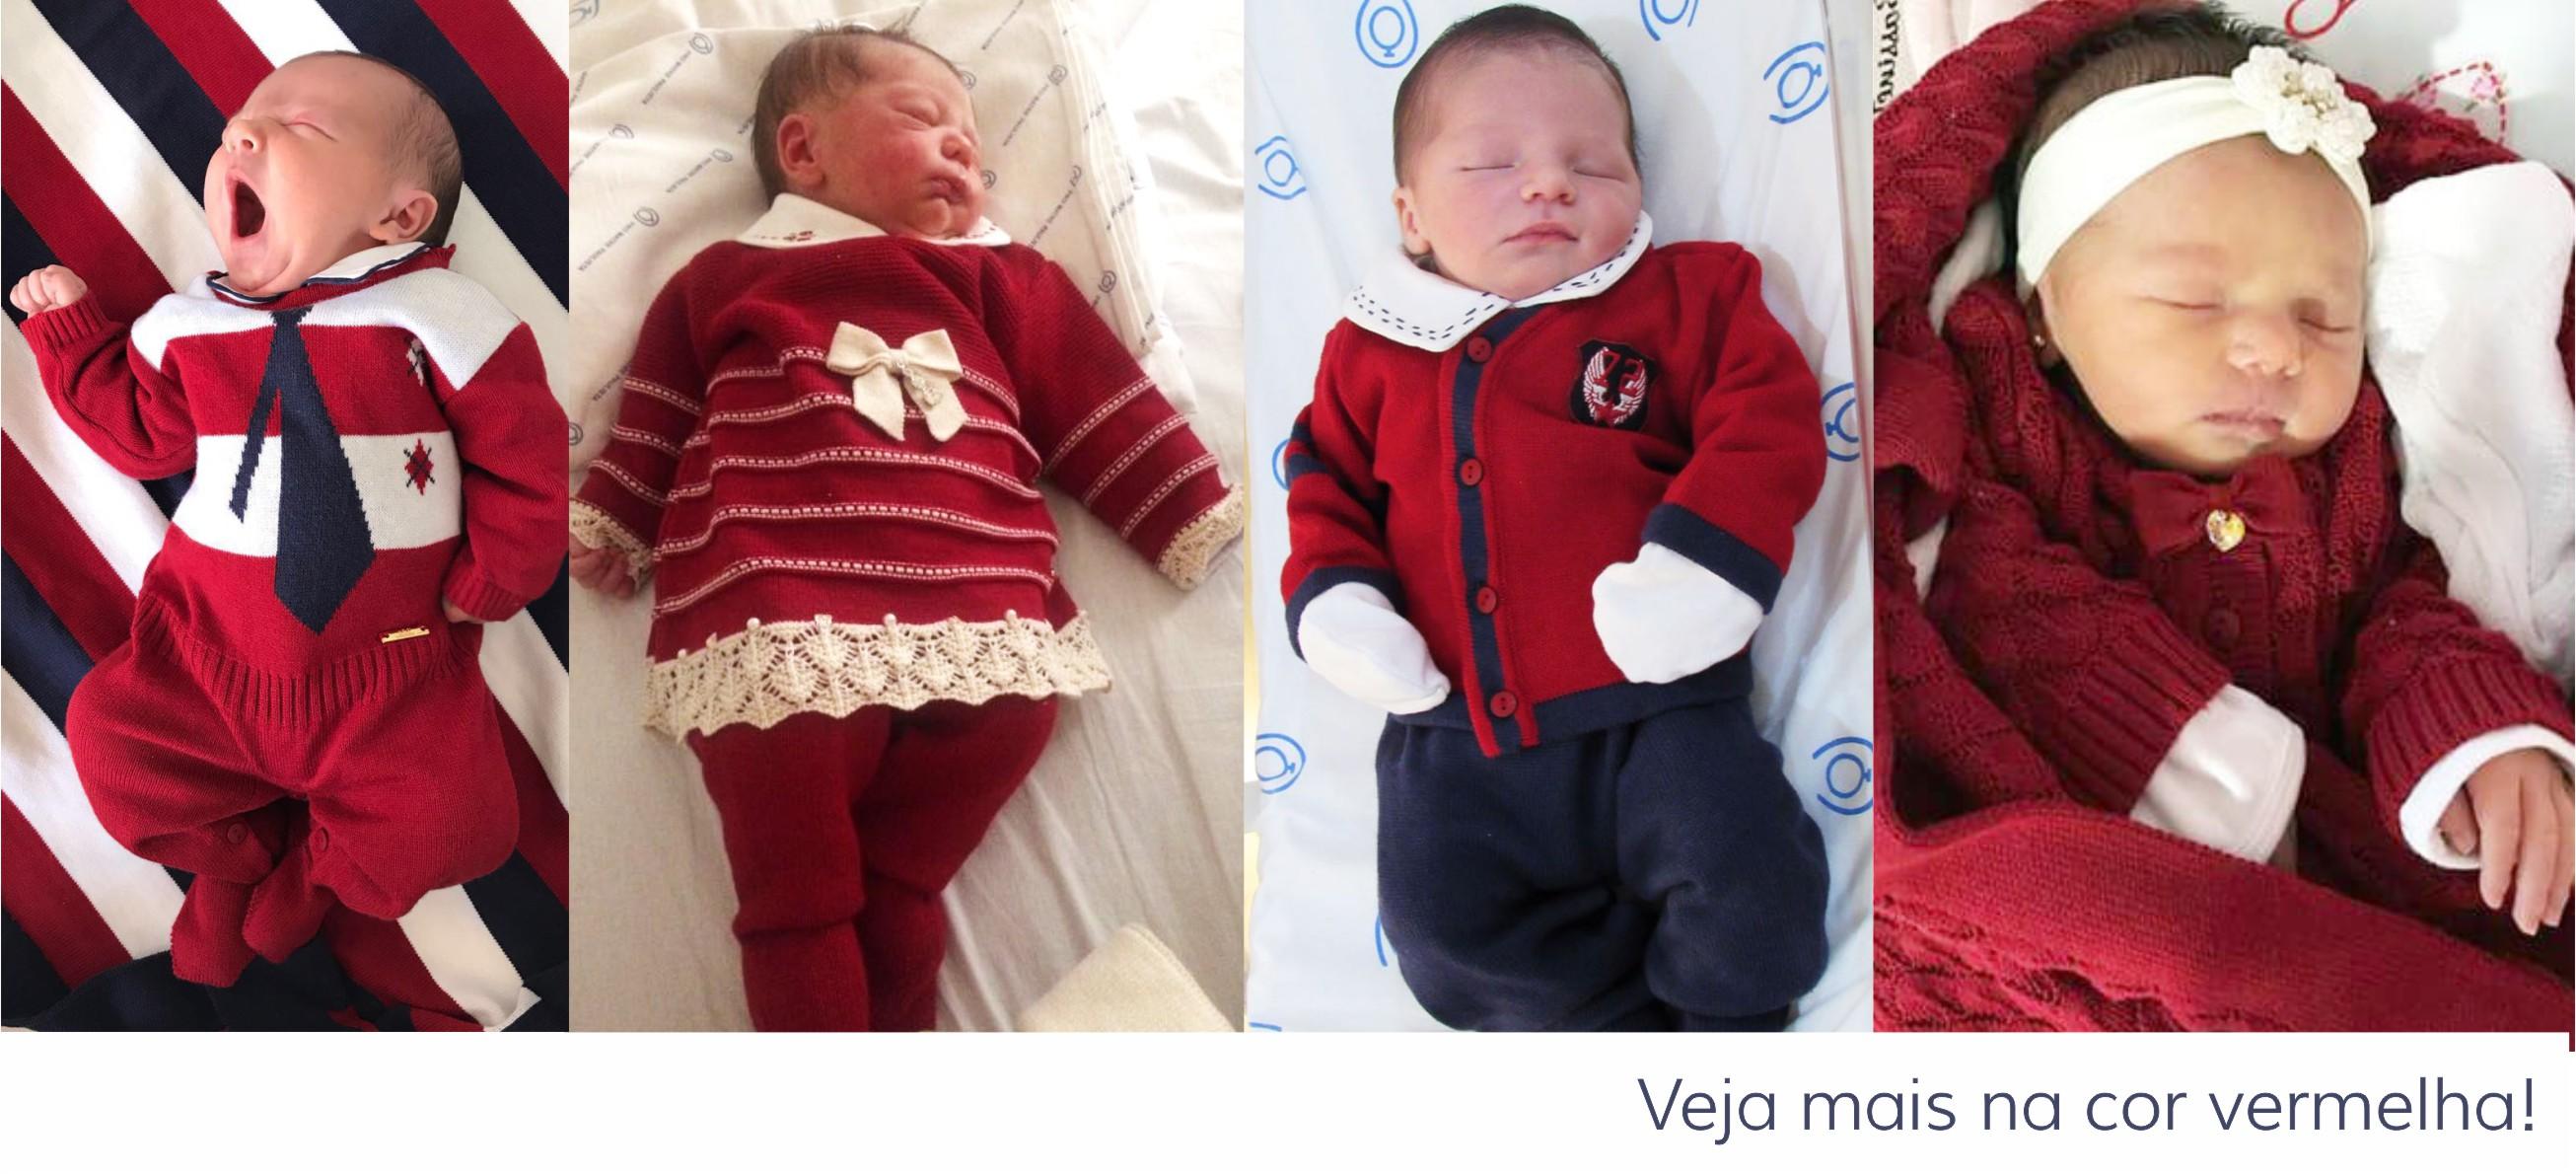 Qual é o tamanho certo da saída de maternidade? Saiba como escolher a roupa que seu bebê vai usar nos primeiros dias de vida!